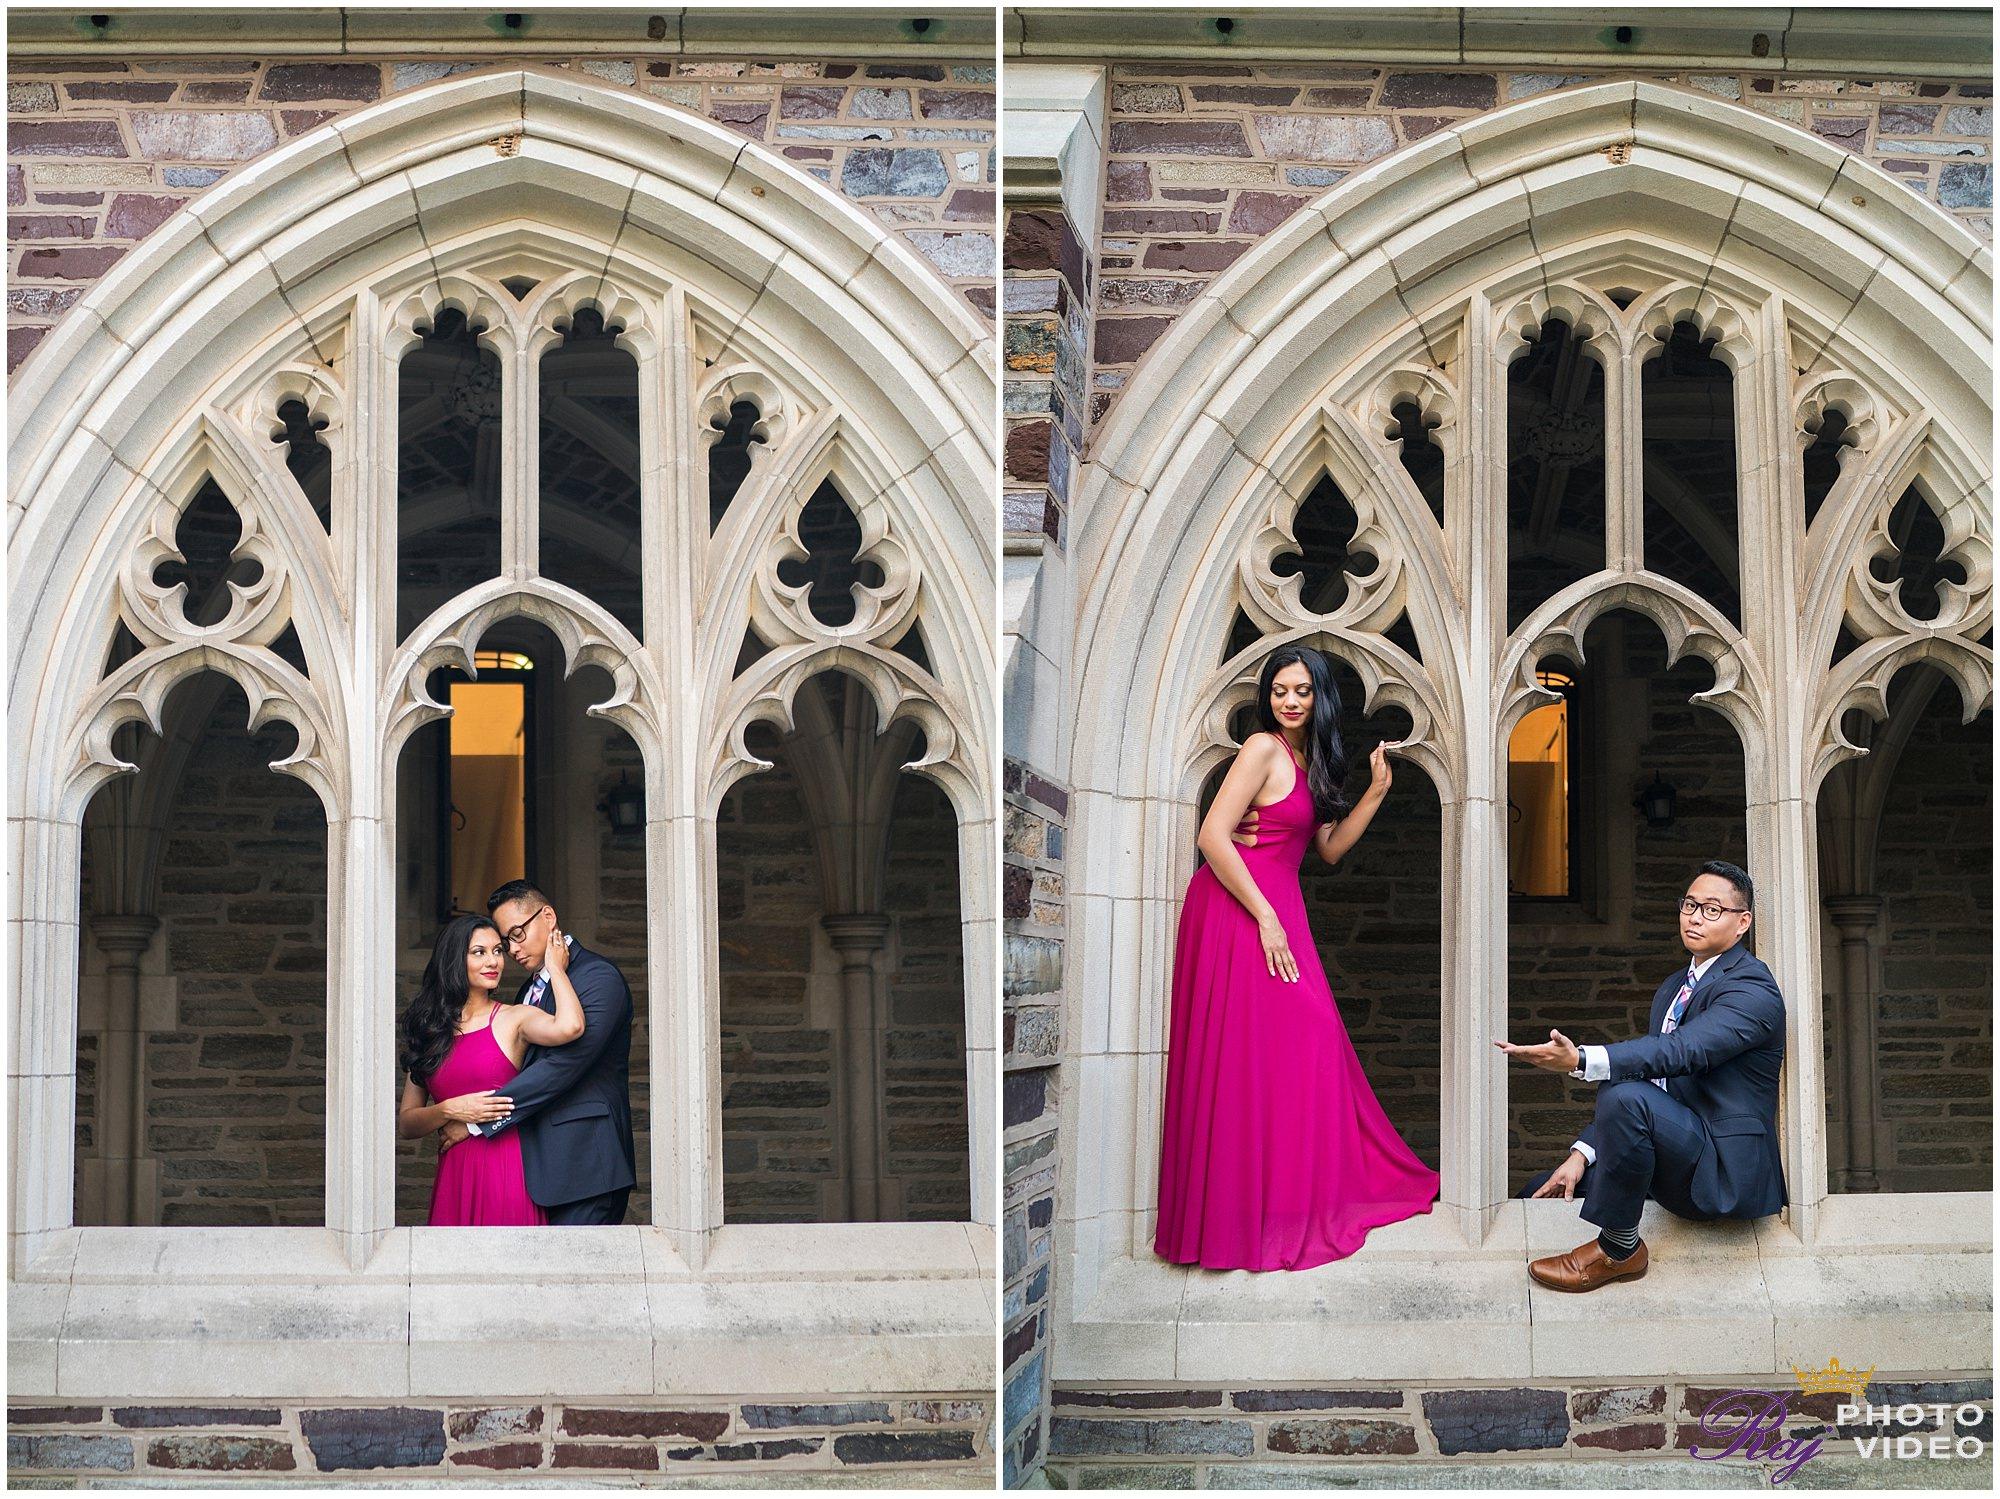 Princeton-University-Princeton-NJ-Engagement-Shoot-Khusbu-Jeff-13.jpg